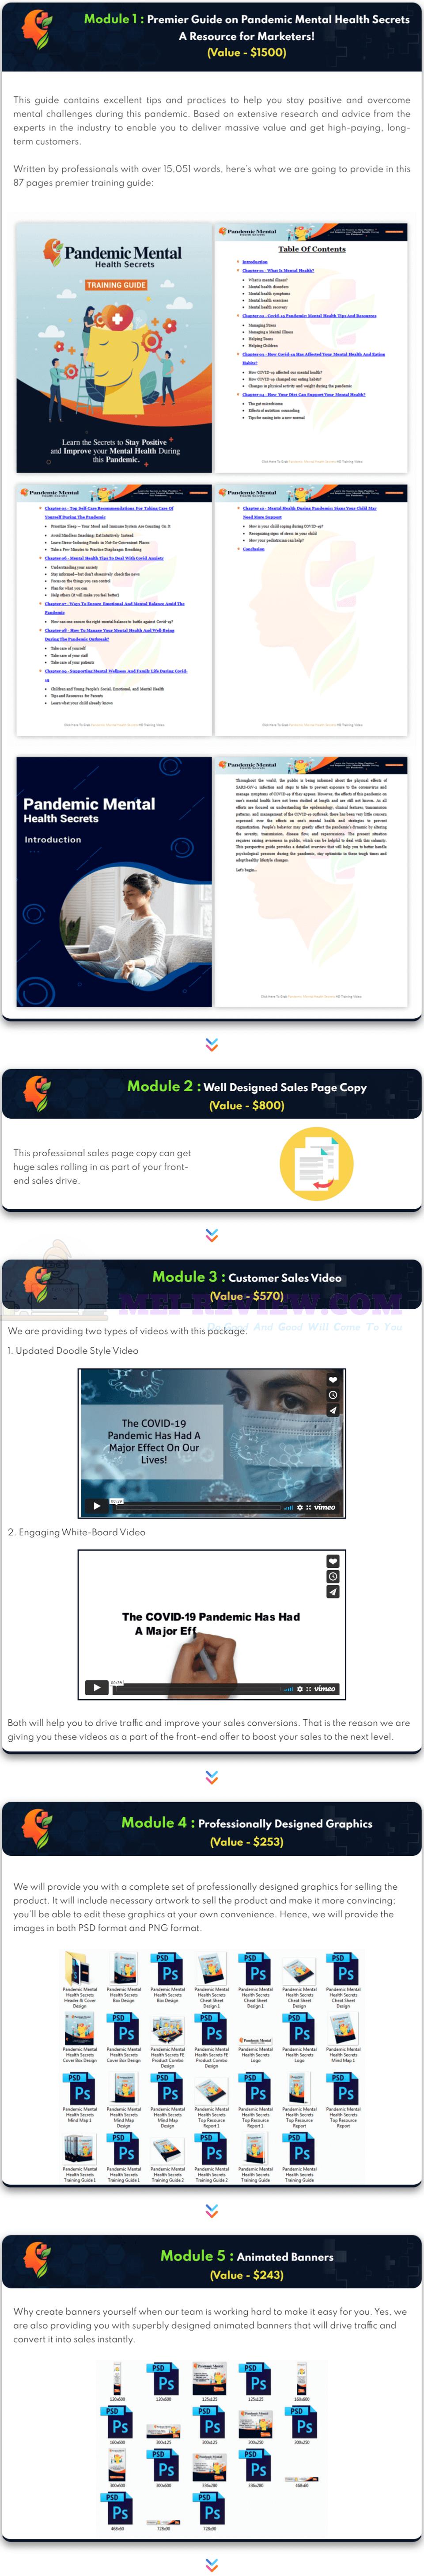 Pandemic-Mental-Health-Secrets-PLR-content